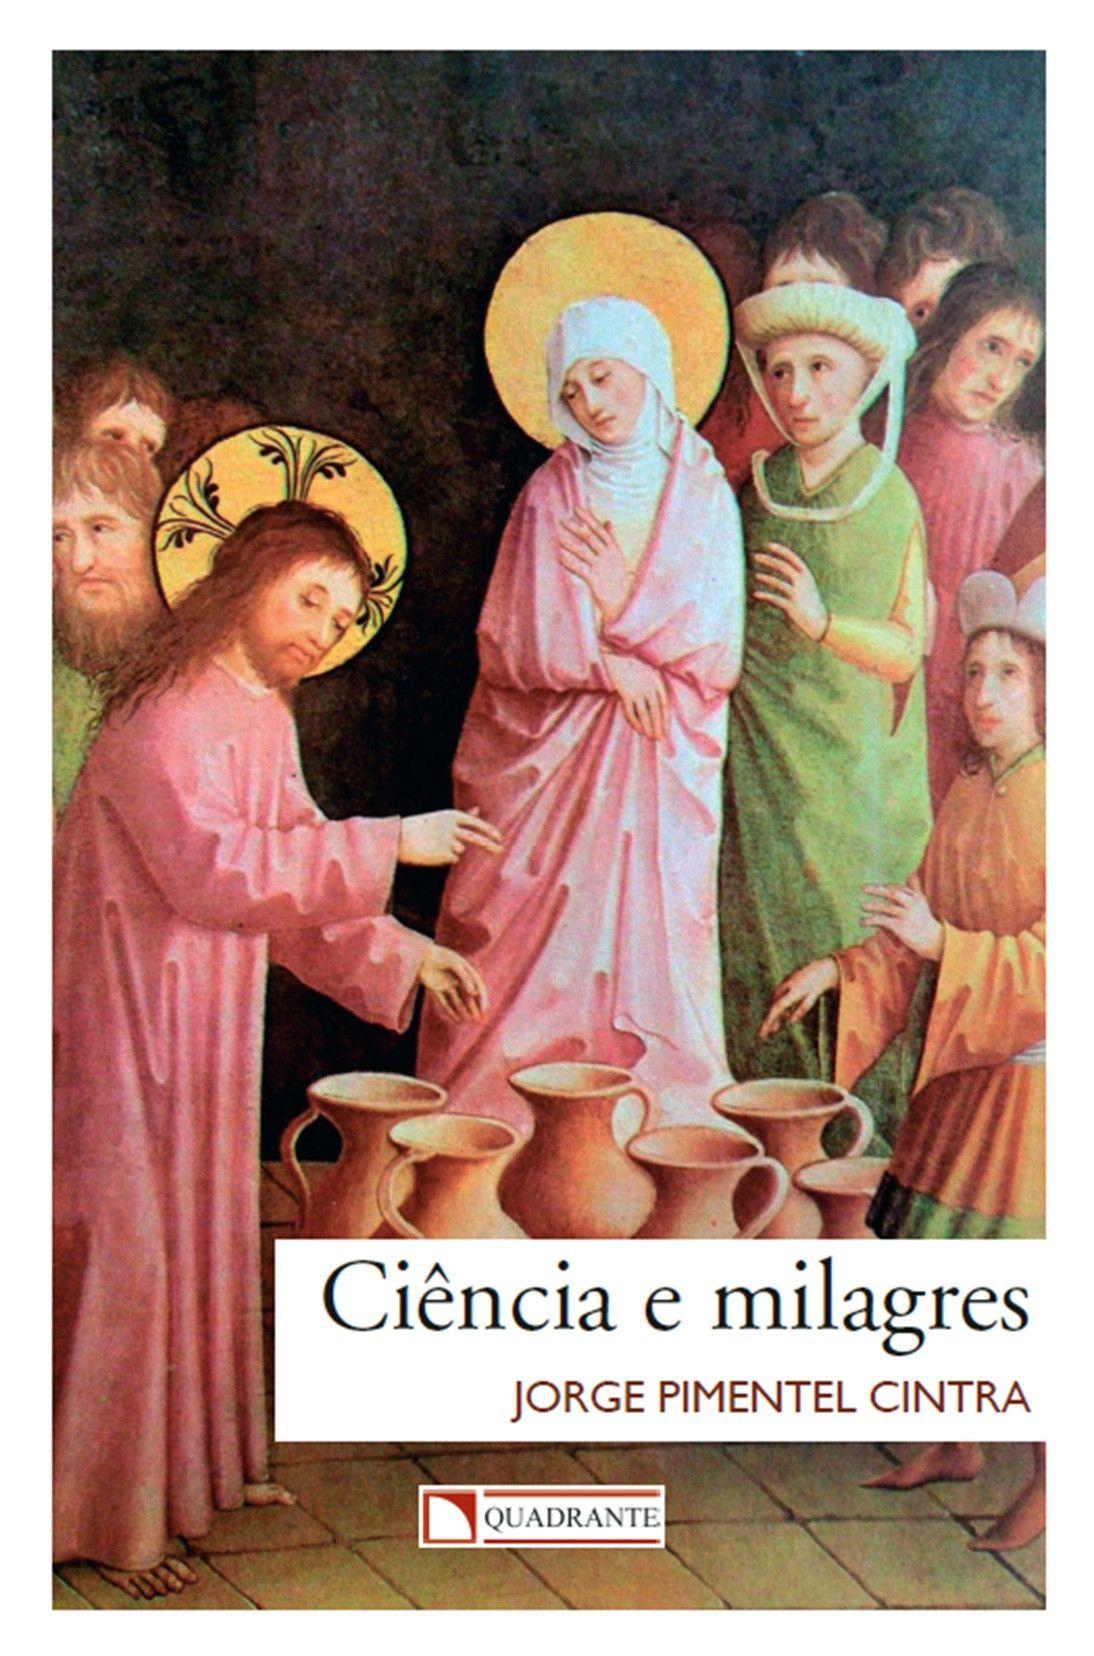 Livro Ciência e milagres